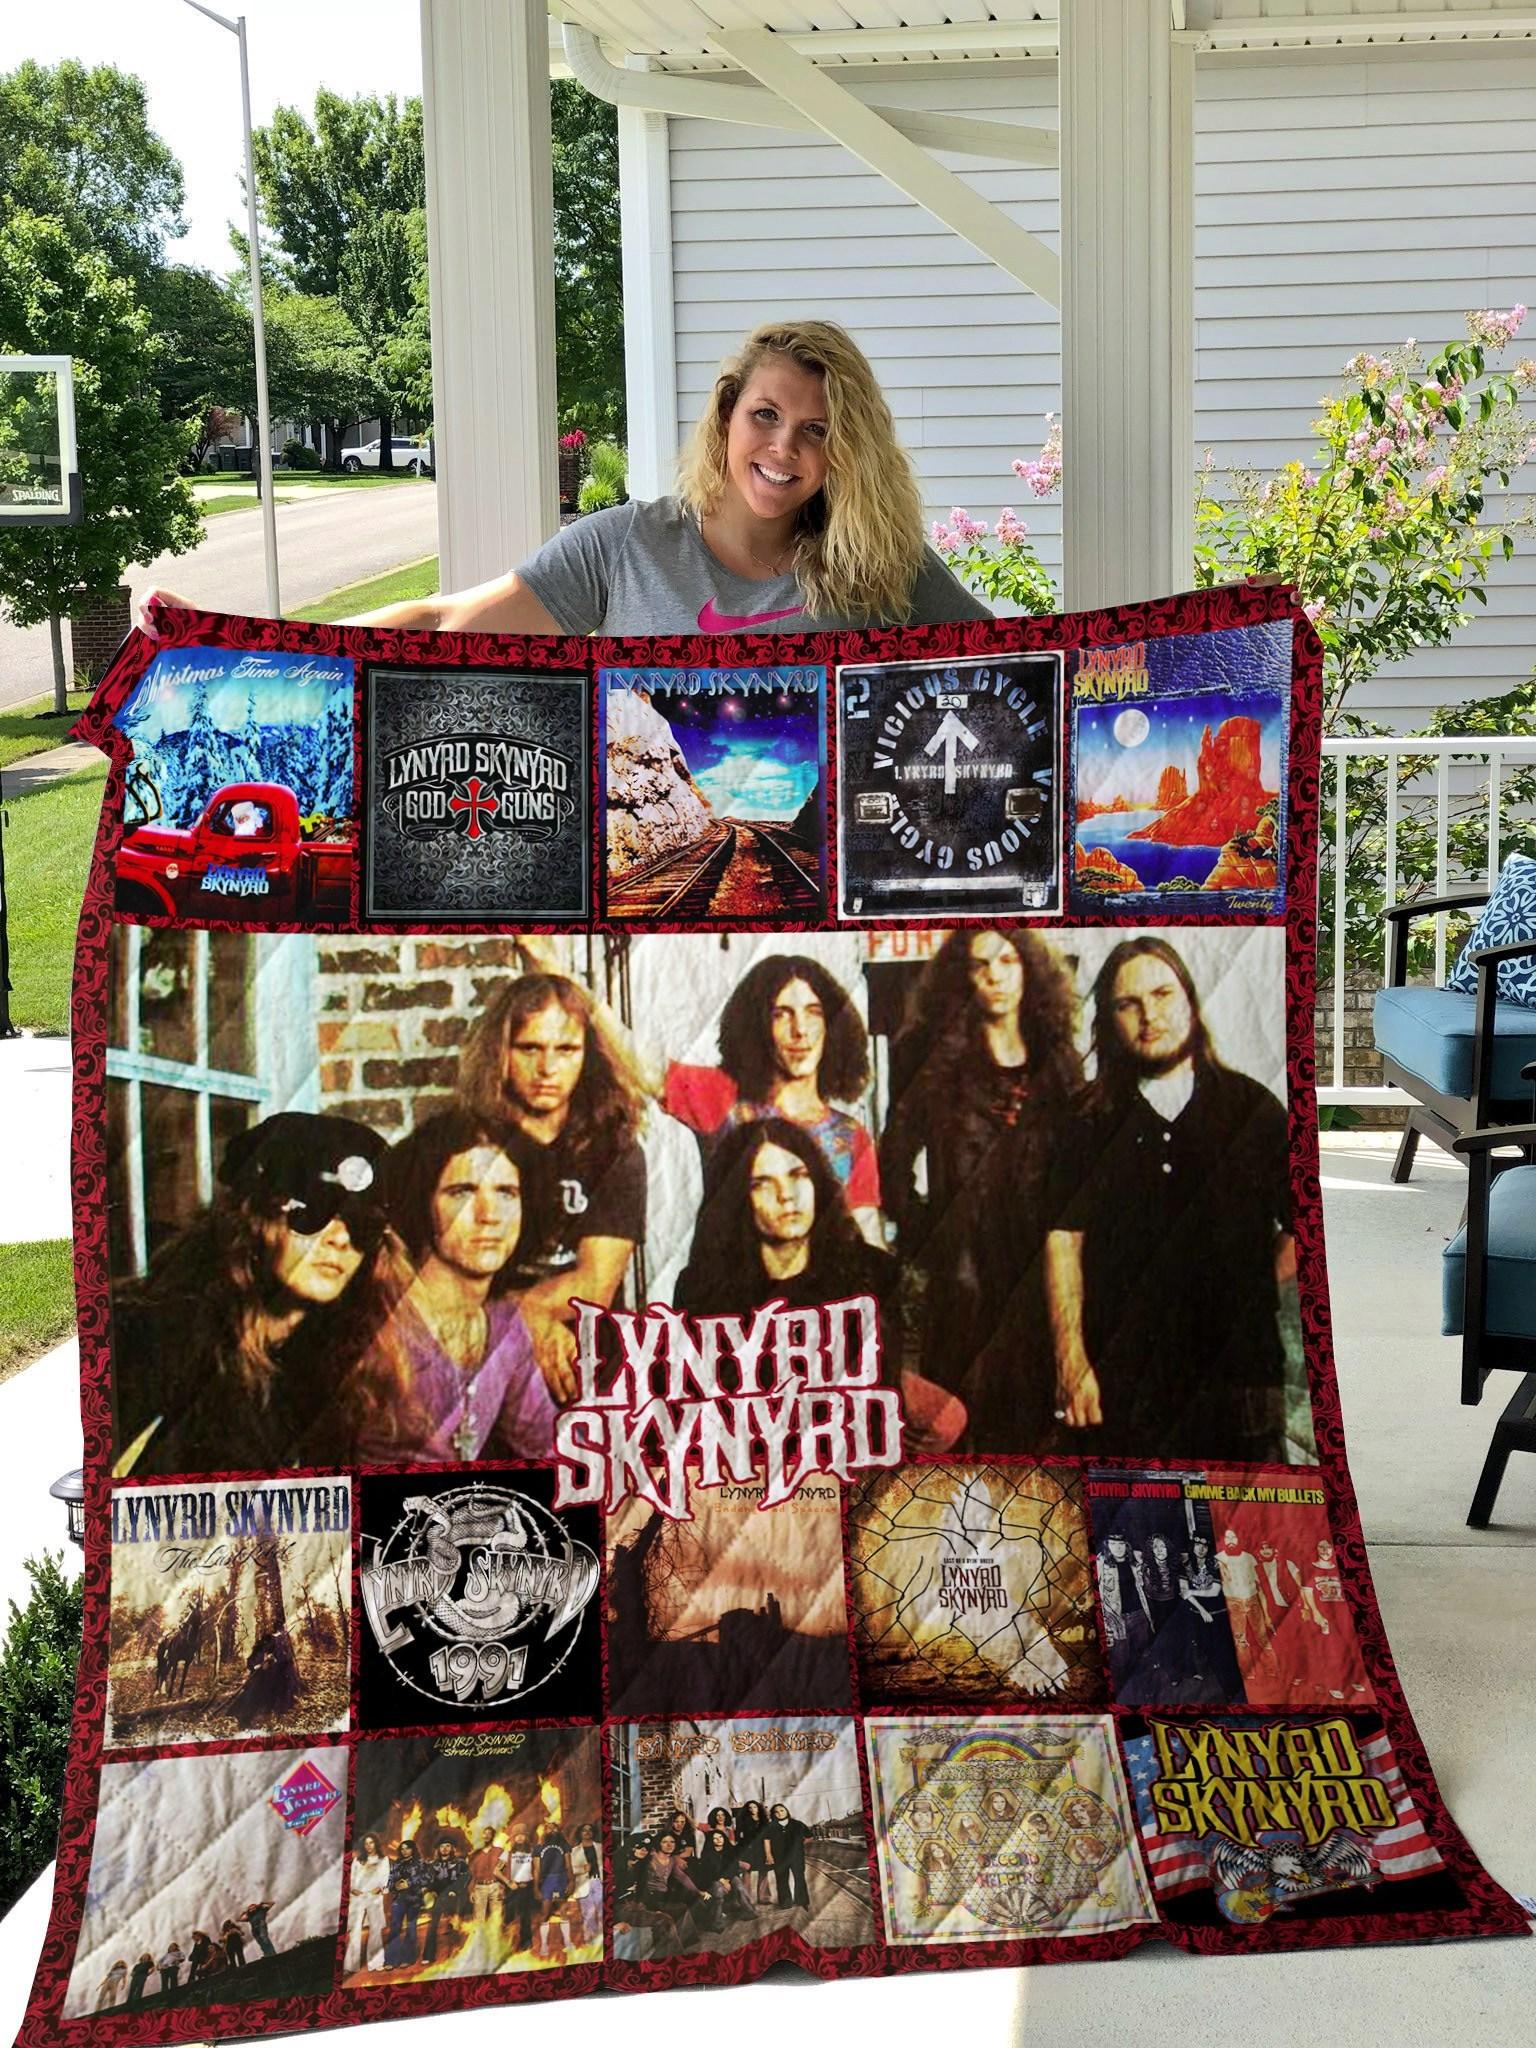 Lynyrd skynyrd albums quilt - maria